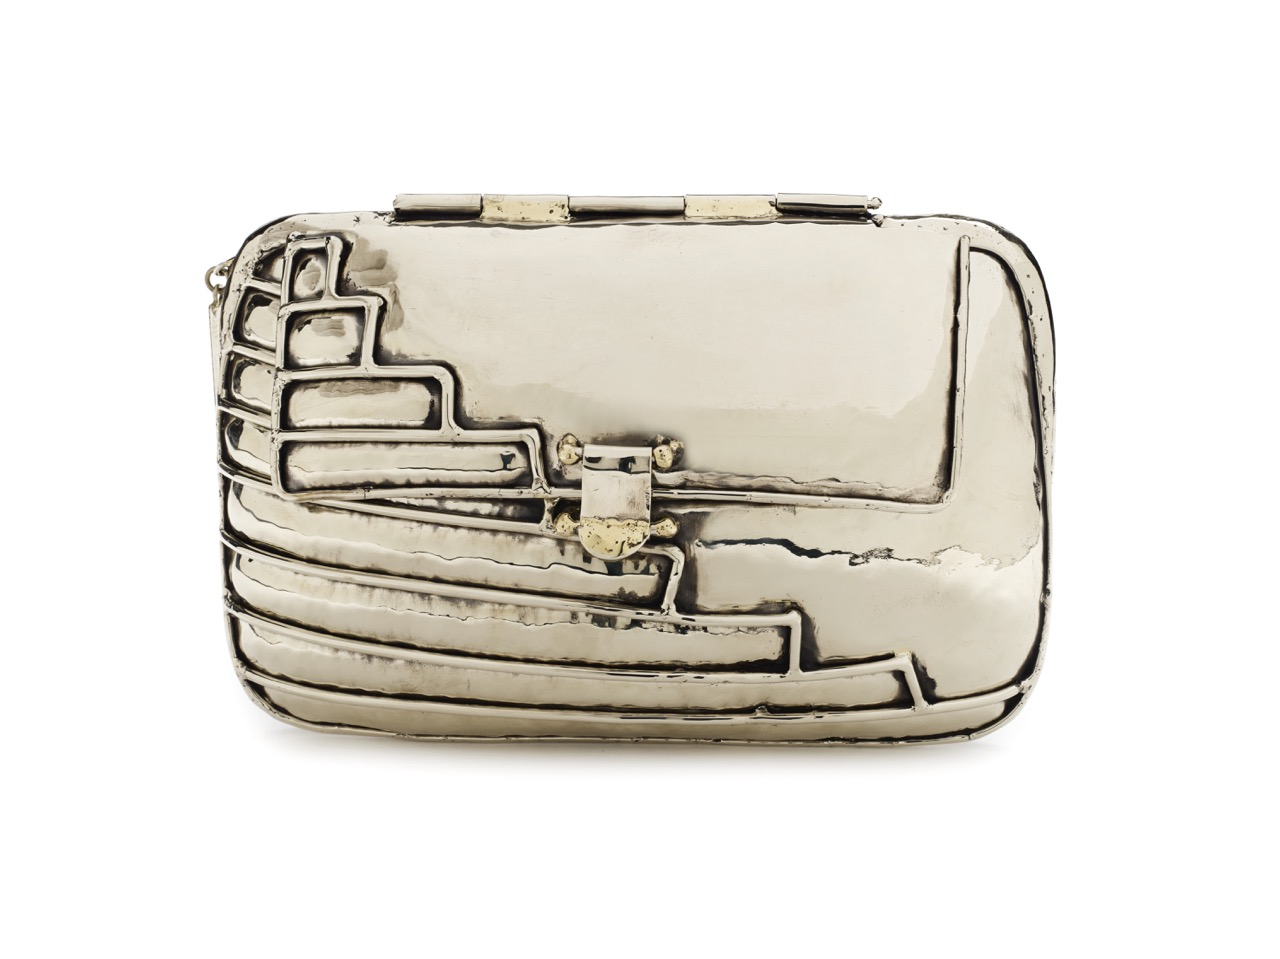 An Anndra Neen purse